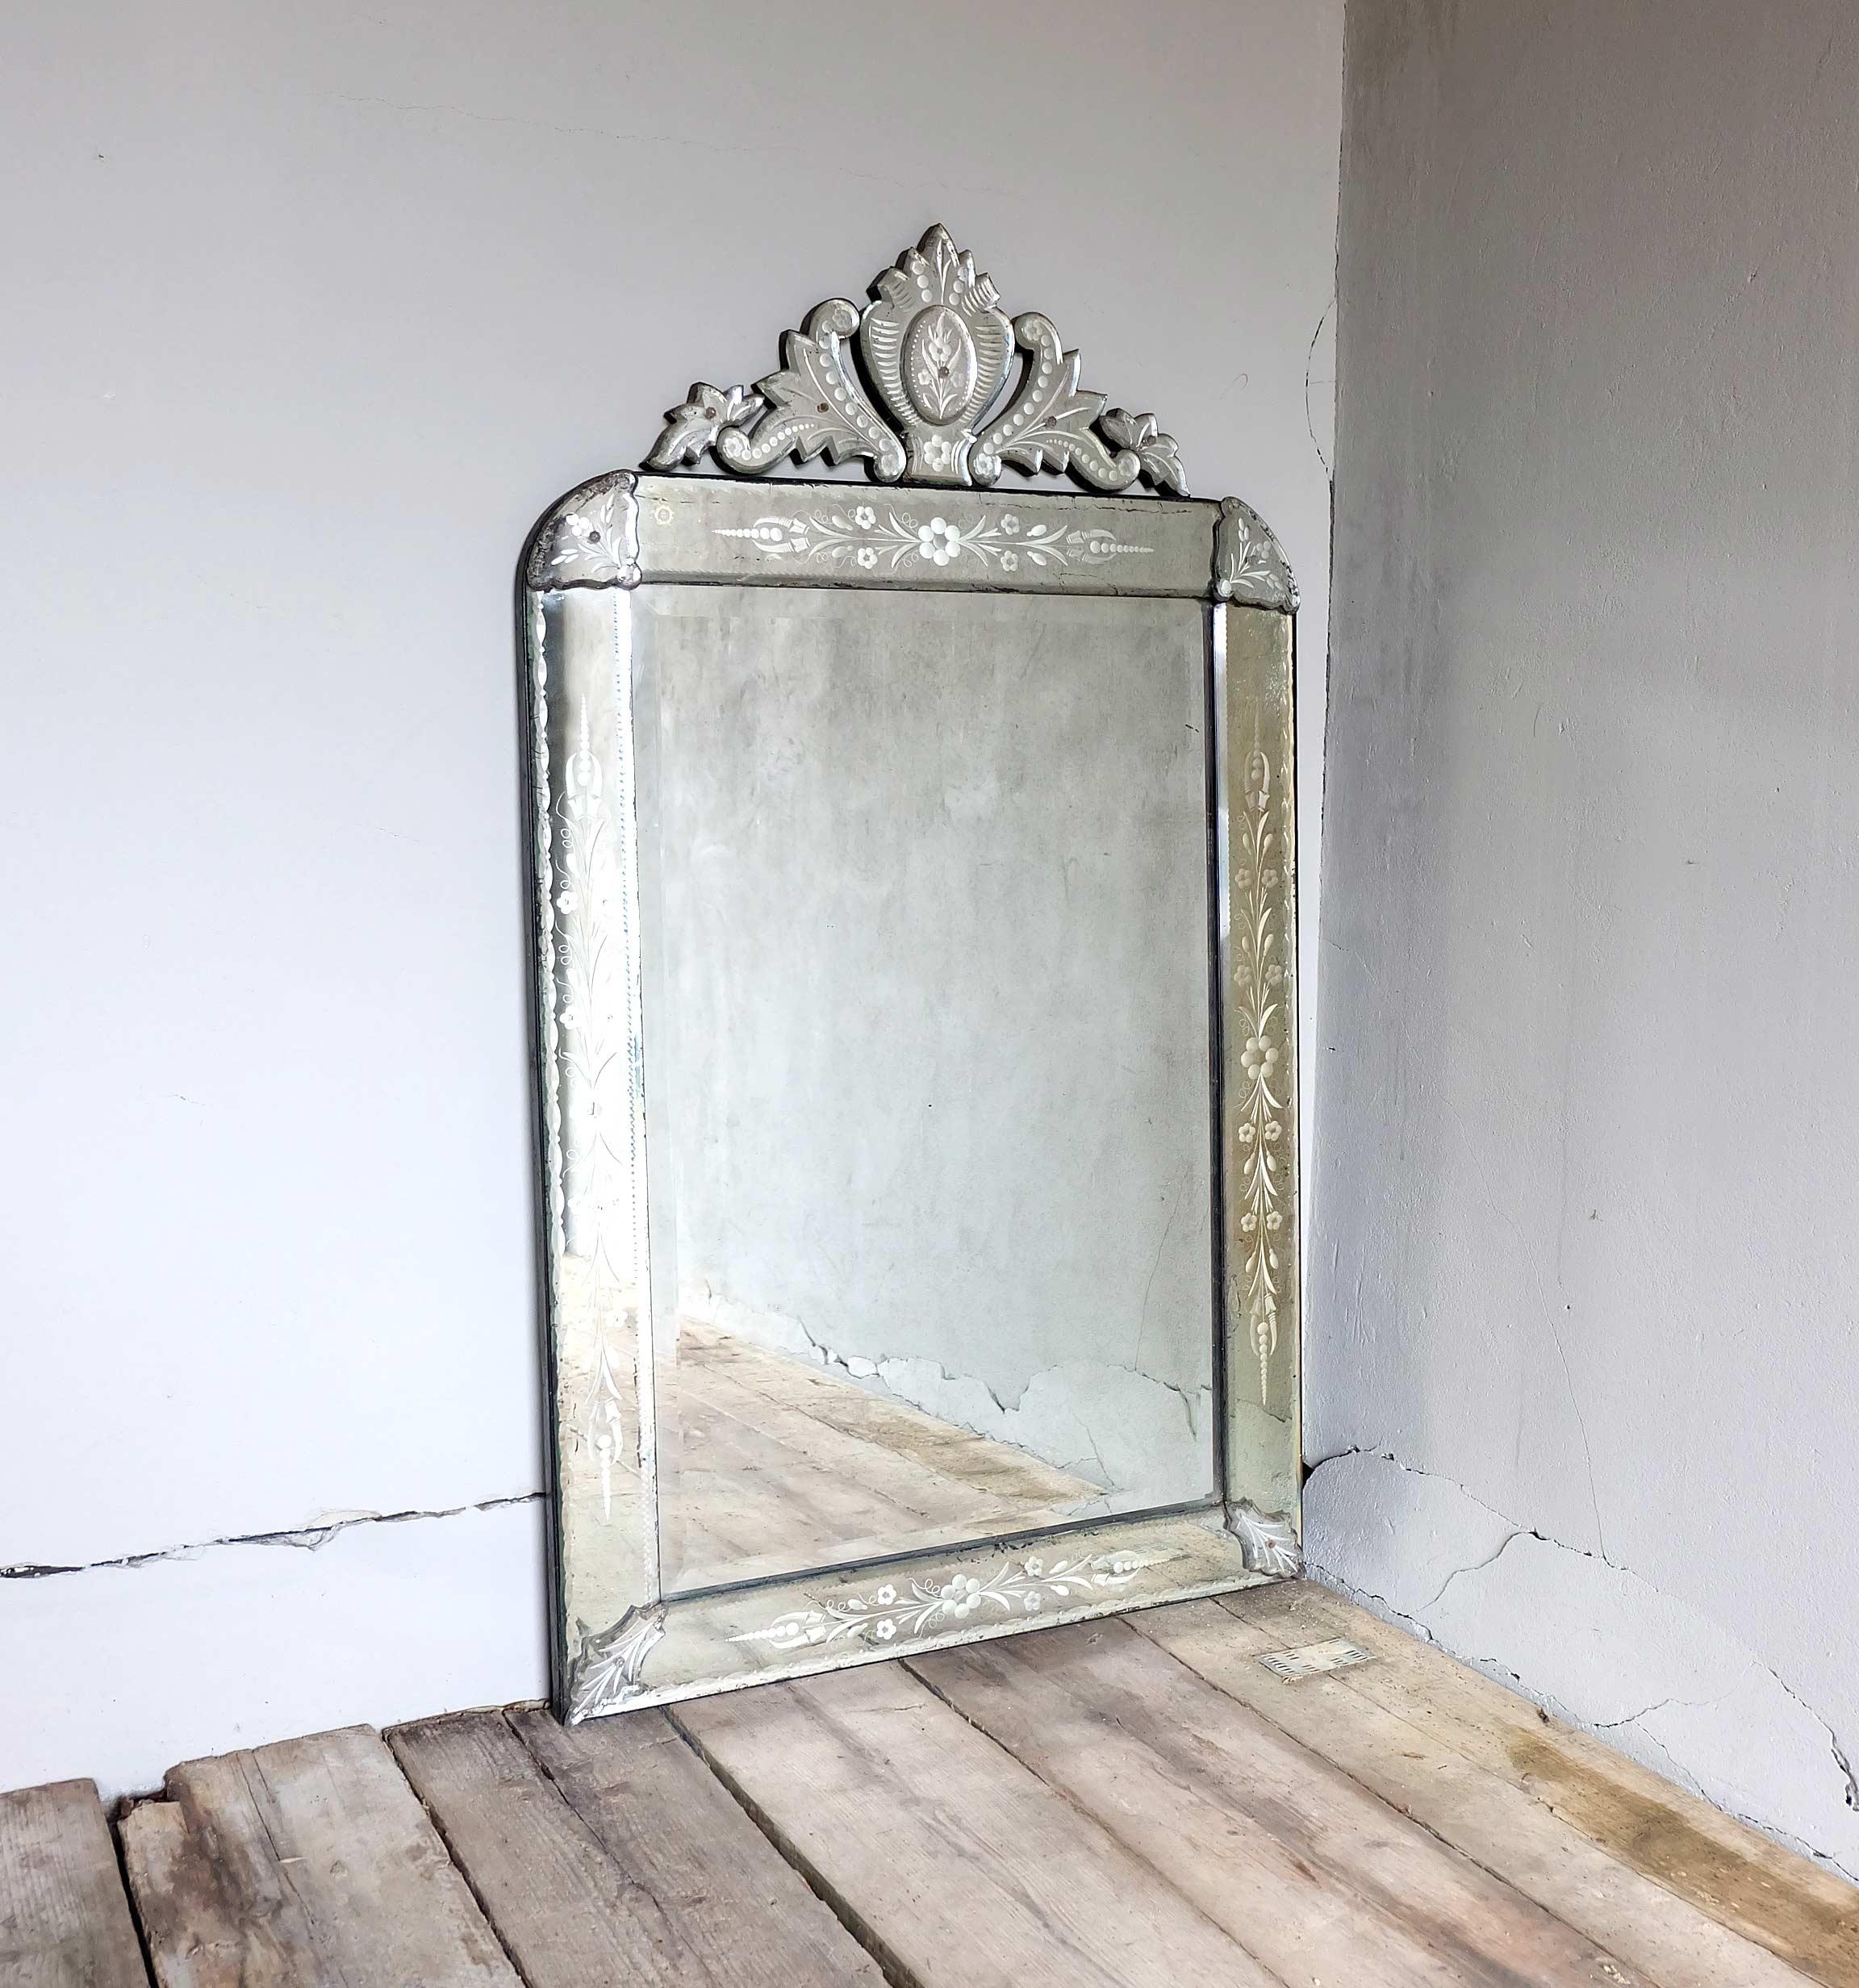 Antique Venetian Mirror Puckhaber Decorative Antiques Intended For Antique Venetian Mirrors (Image 6 of 15)